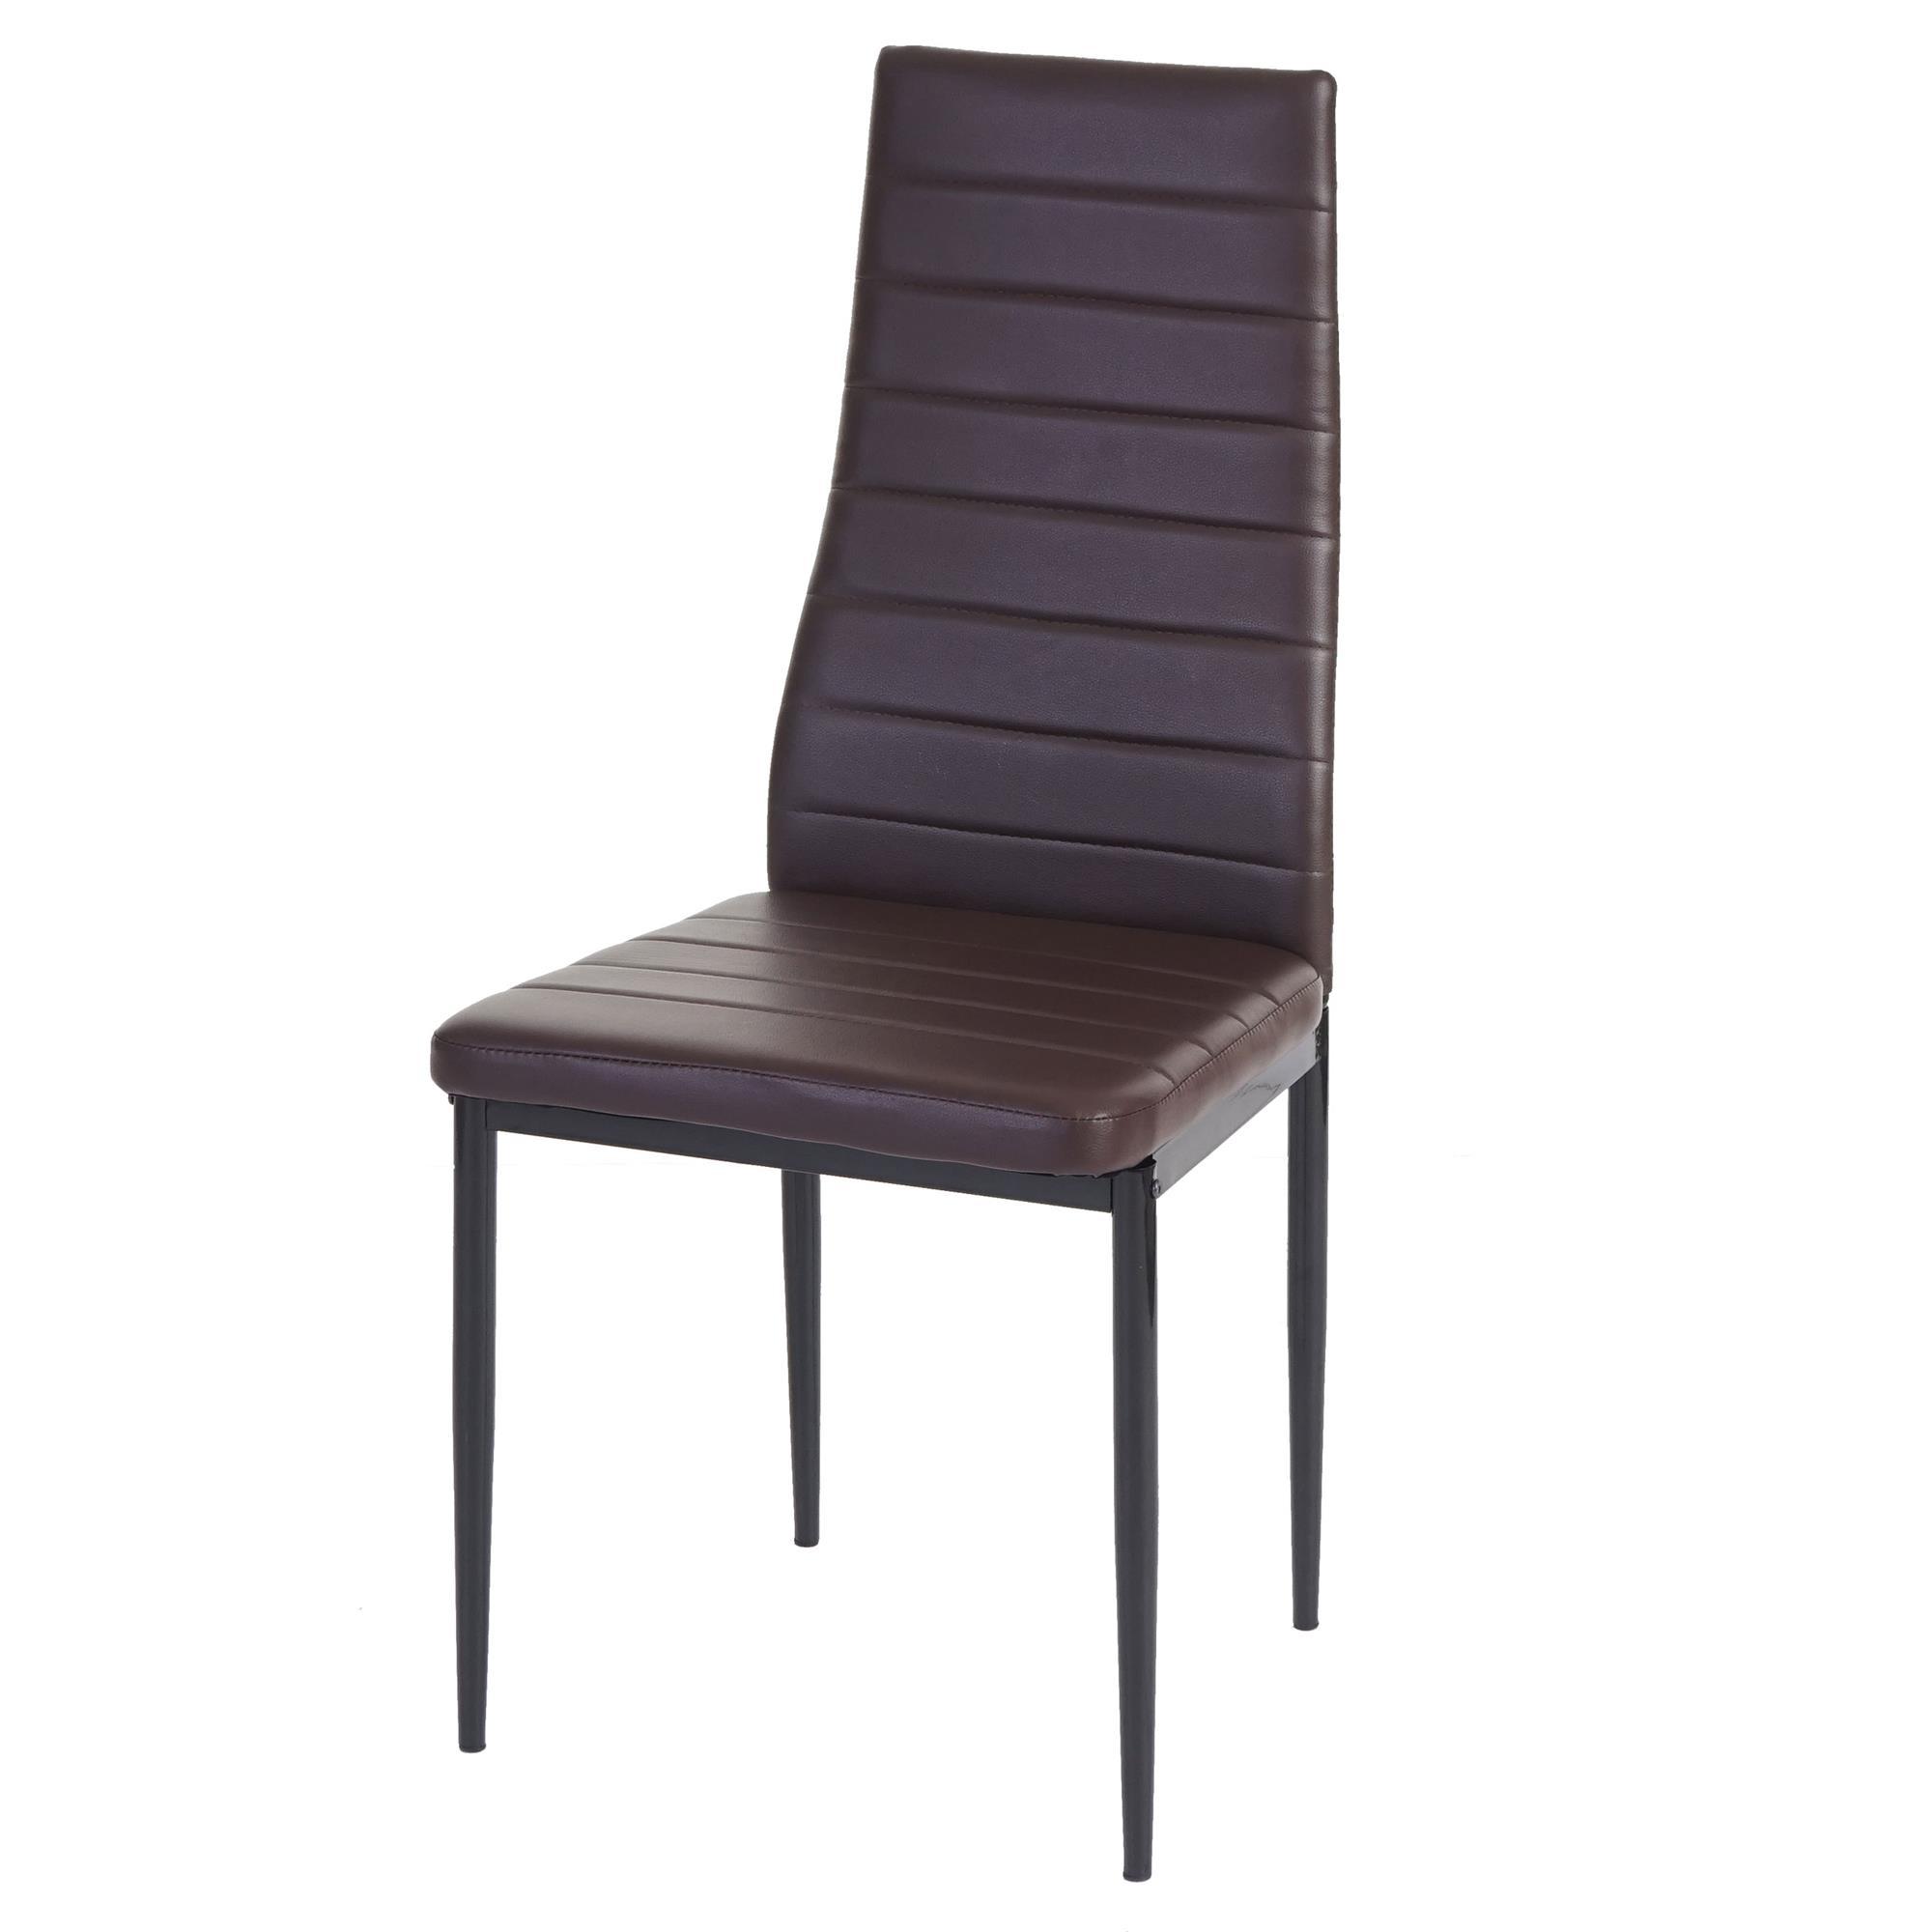 Lote 6 sillas de comedor o cocina kiros gran acolchado for Sillas de cocina tapizadas